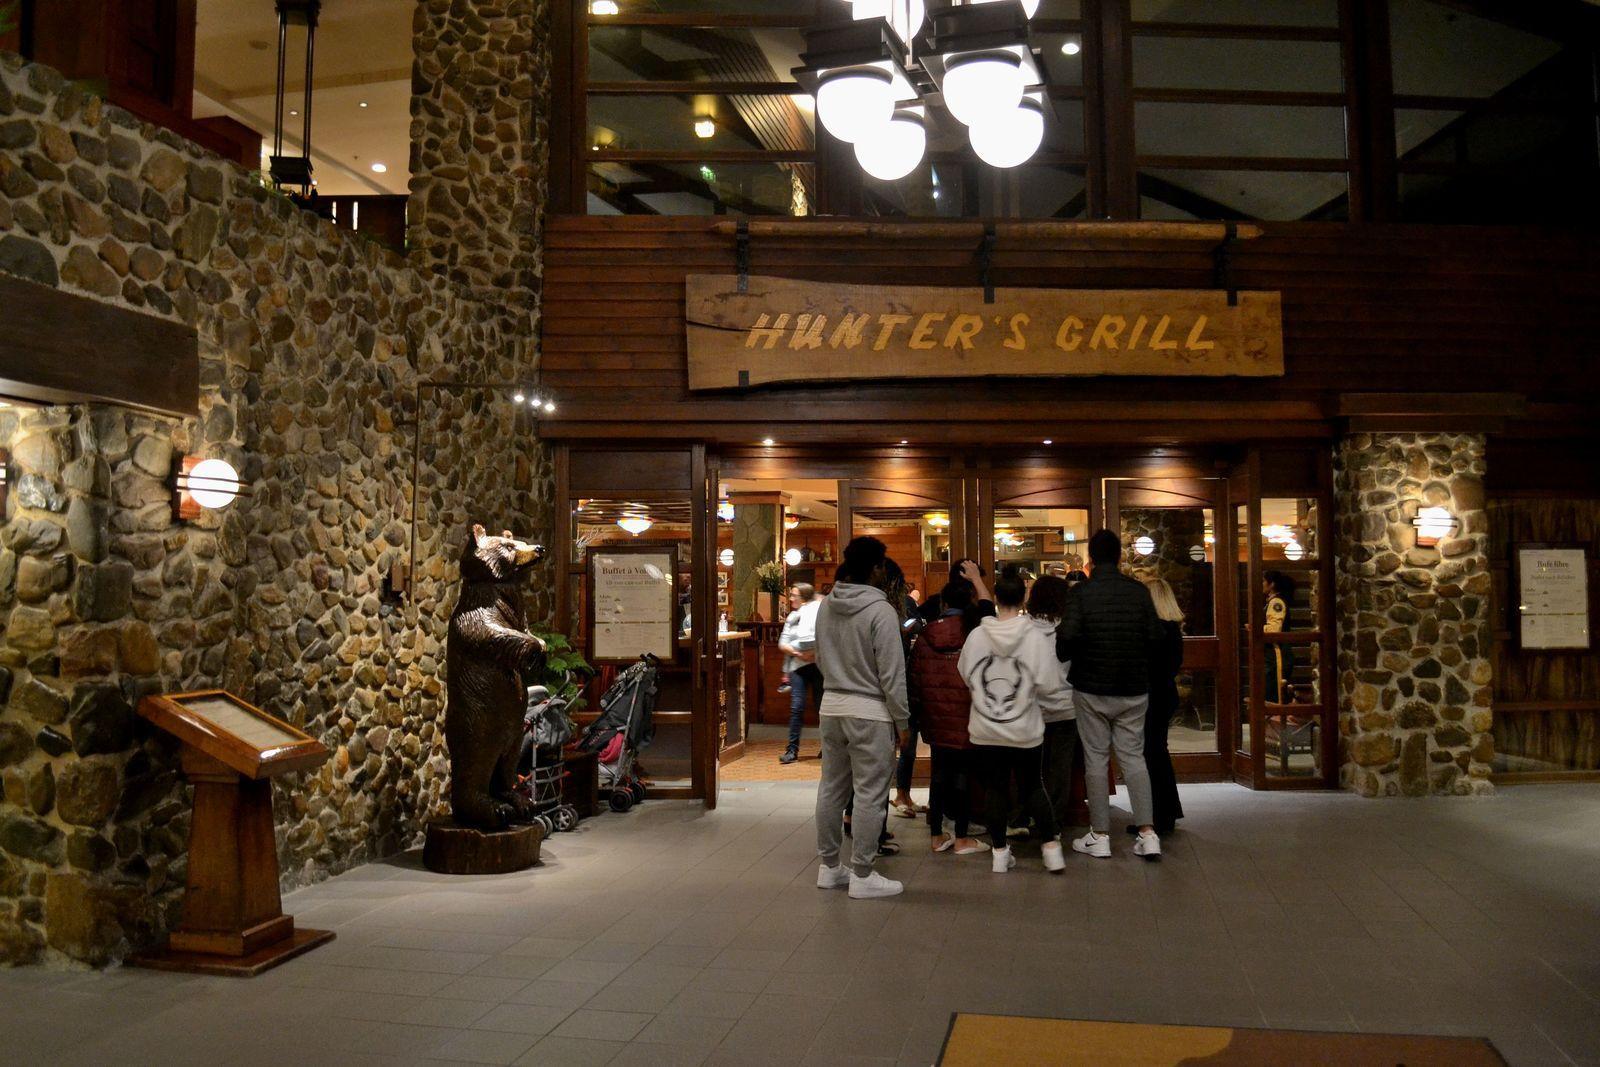 Une soirée au Sequoia Lodge et dîner au Hunter's Grill...